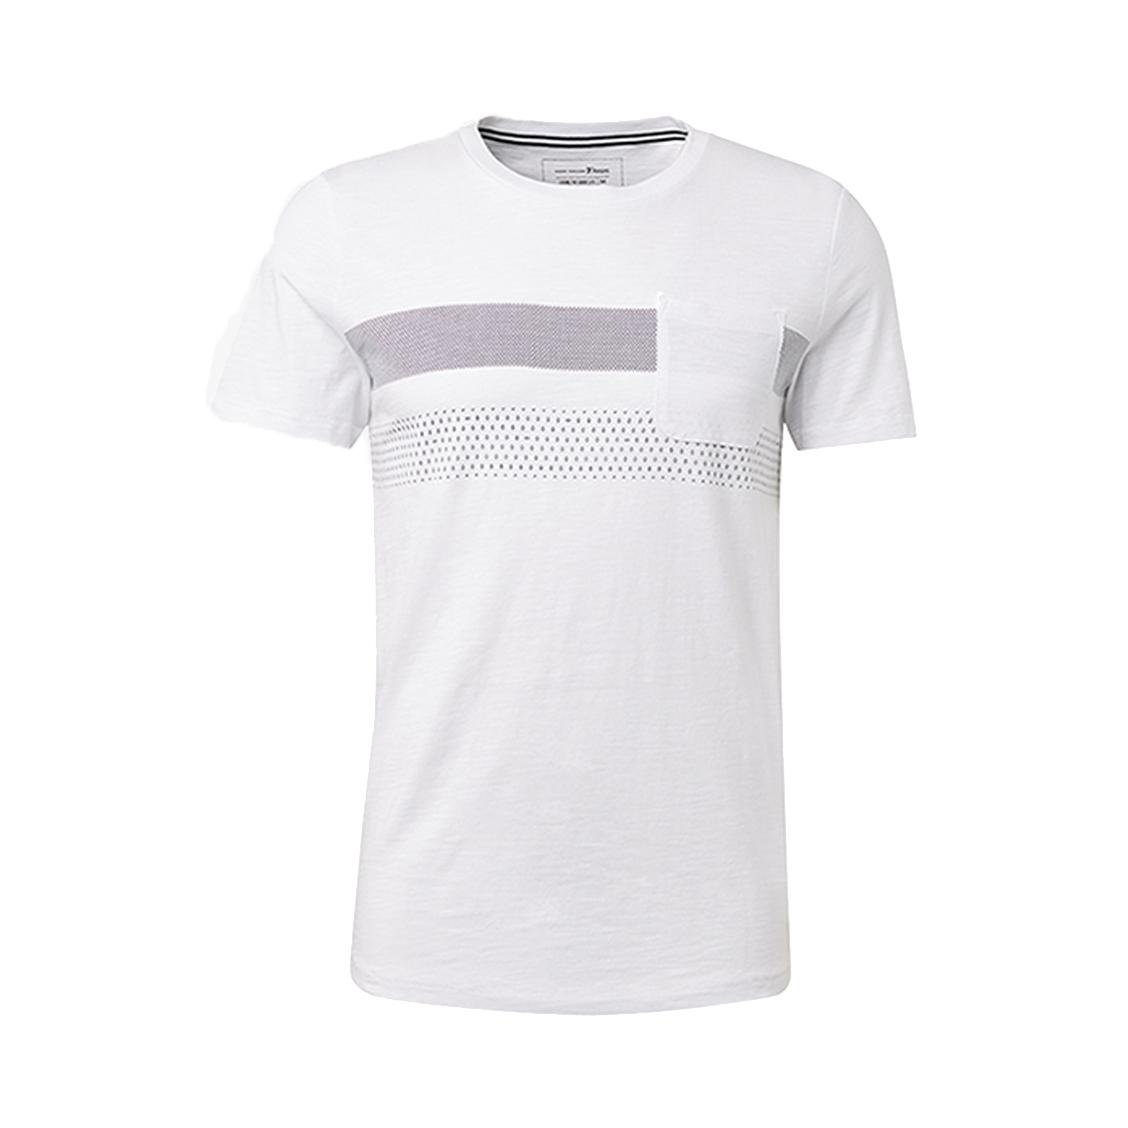 Tee-shirt  en coton blanc à motifs en bandes grises